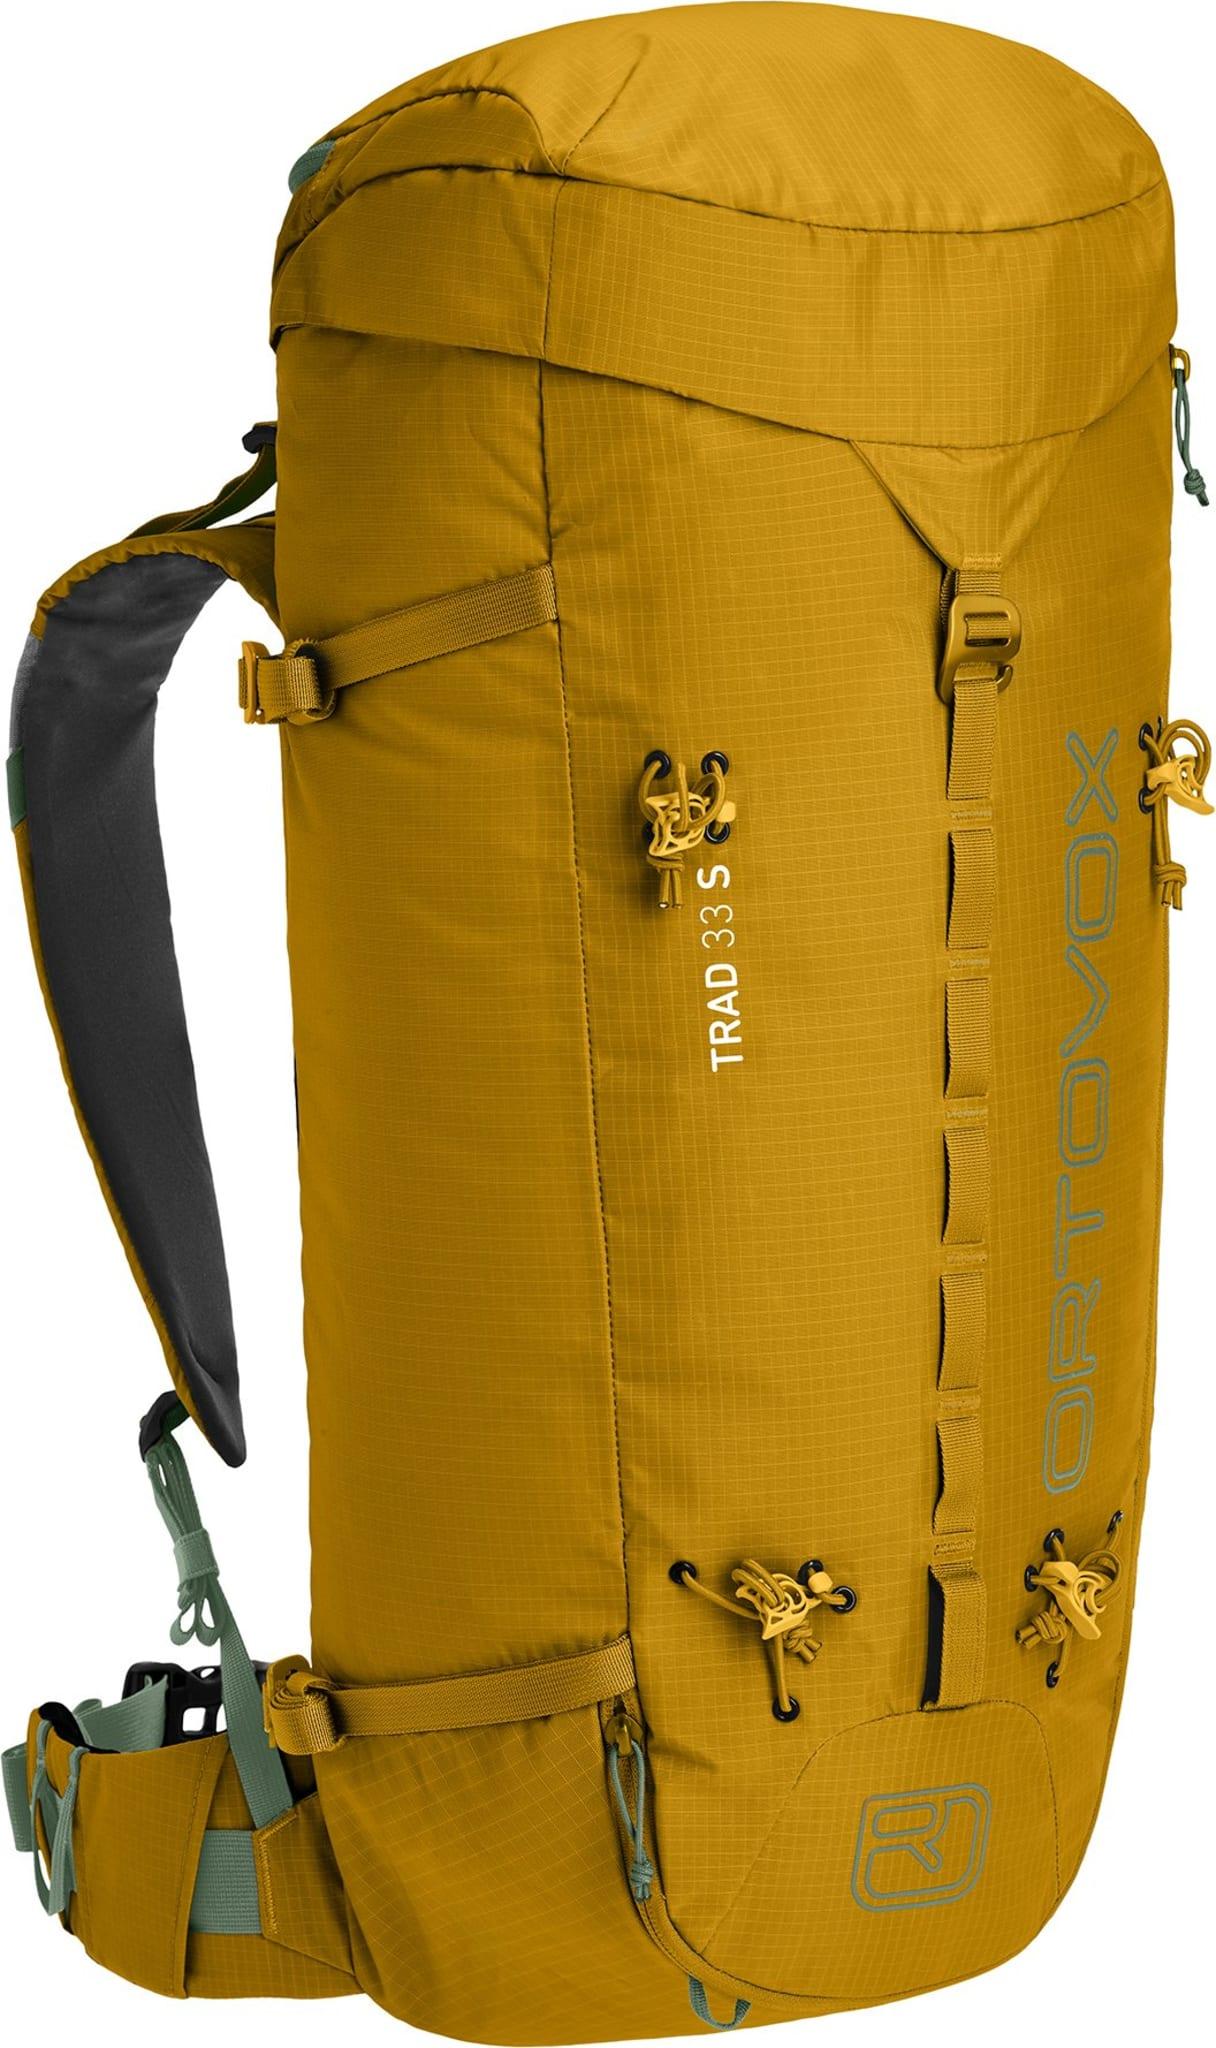 Lett 35-liters klatresekk med kort rygg